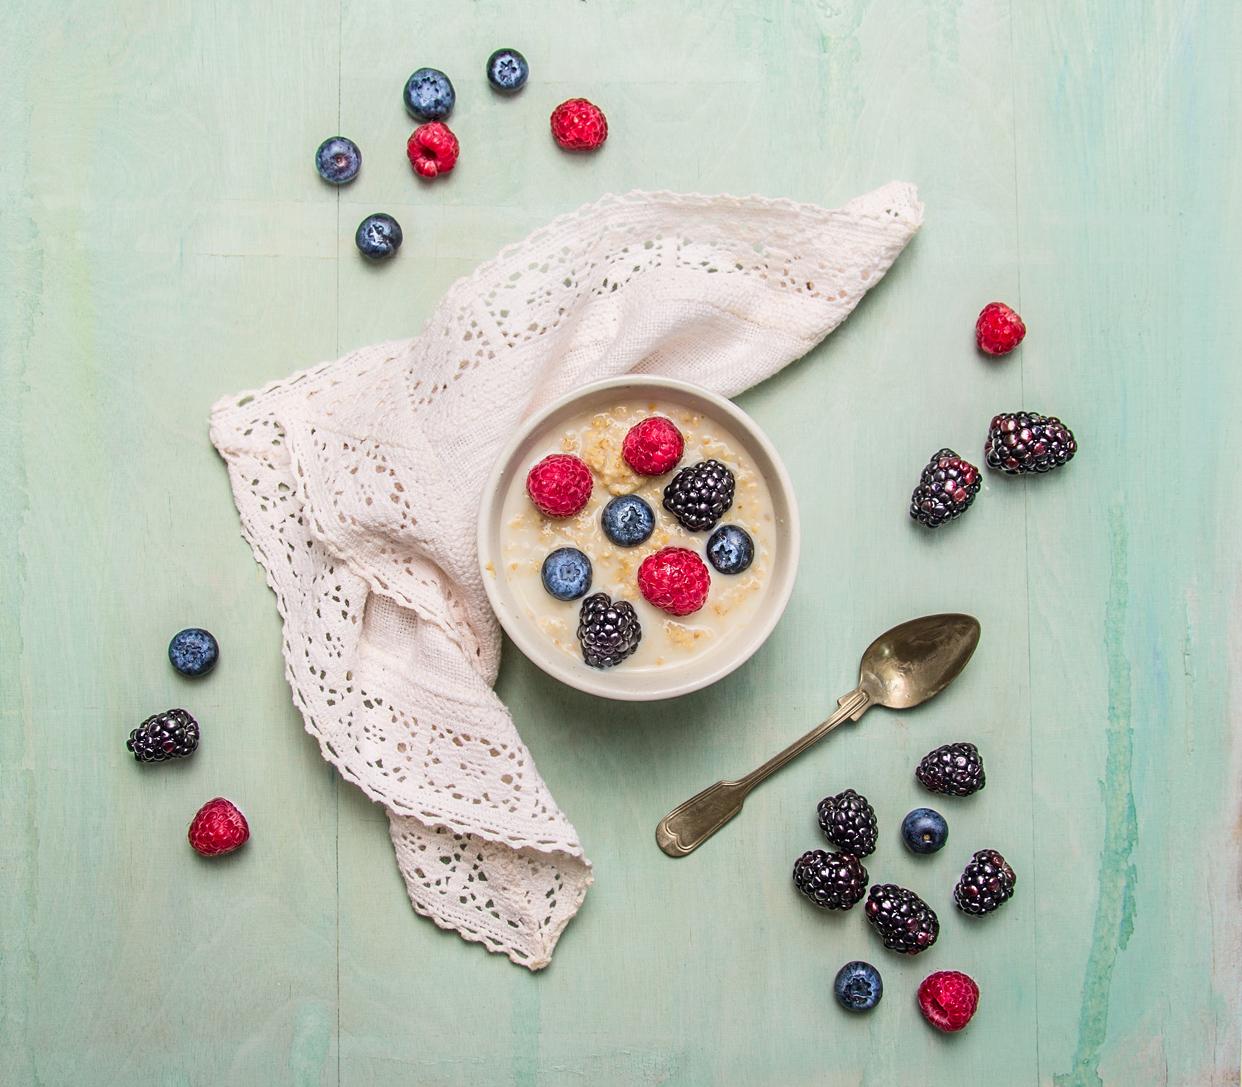 pitta-kapha-vata-diet-berries